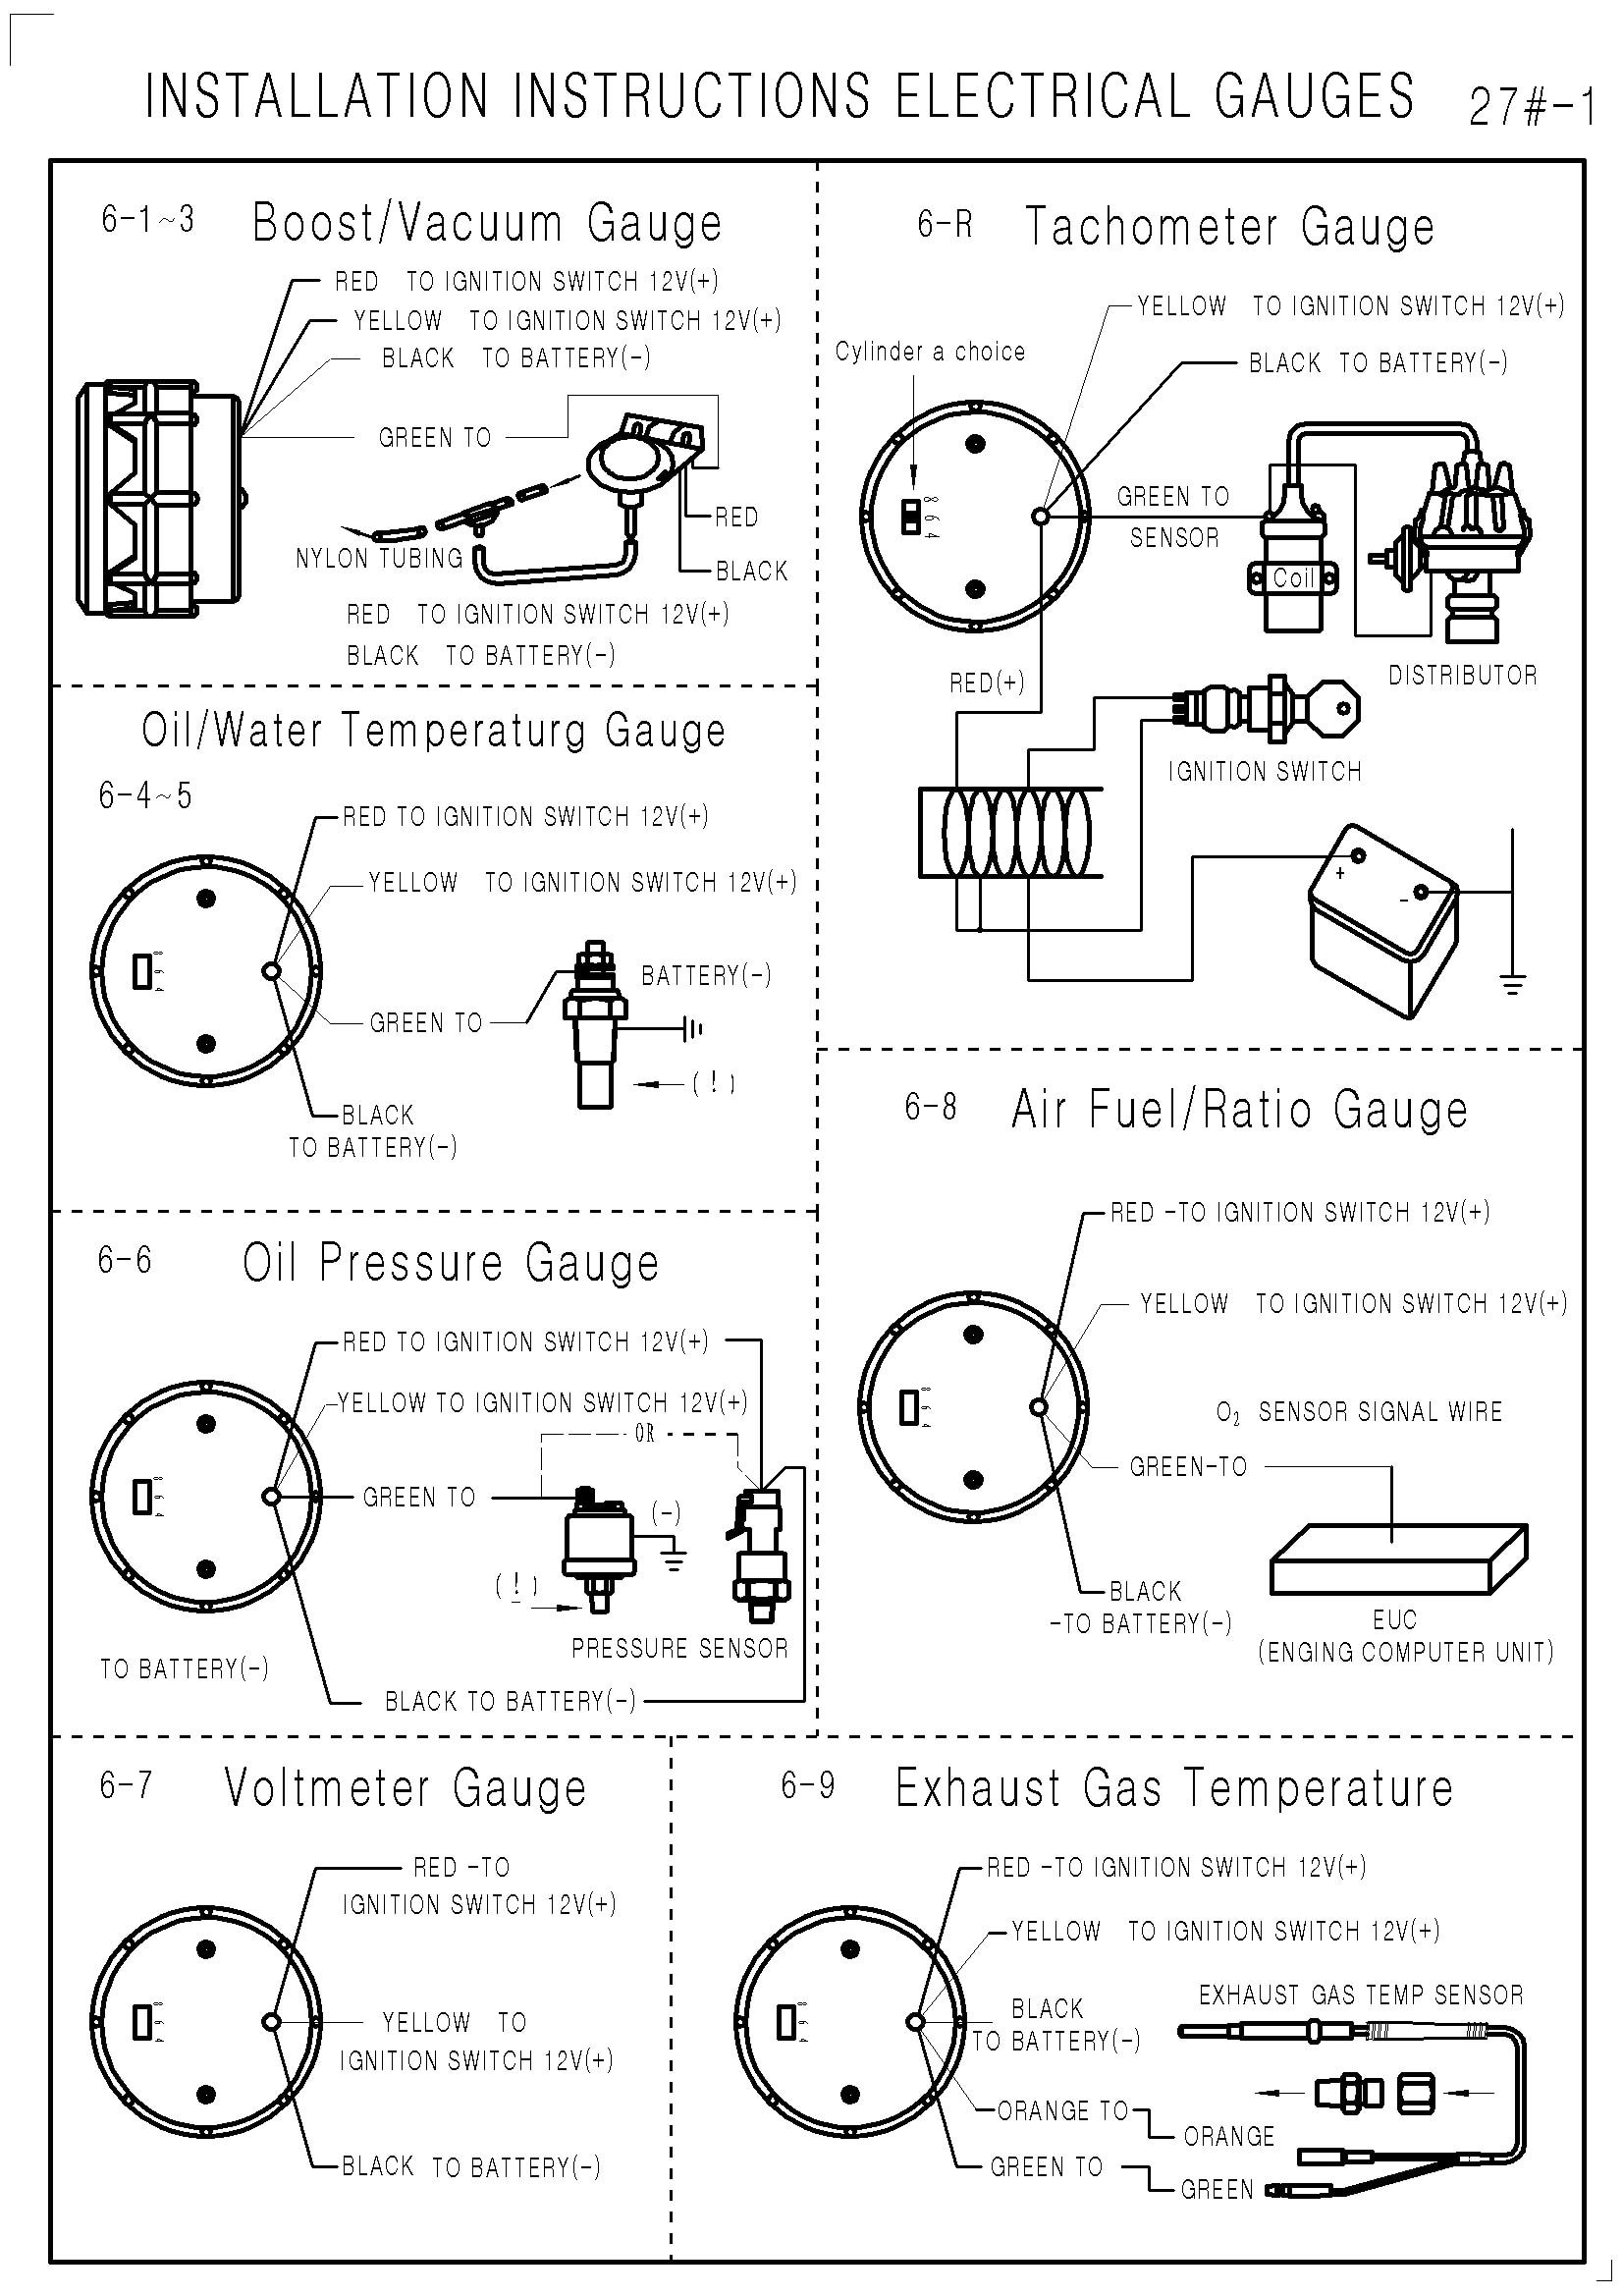 Dragon Boost Gauge Wiring Diagram -Kitchen Wiring Plan | Begeboy Wiring  Diagram Source | Dragon Boost Gauge Wiring Diagram |  | Begeboy Wiring Diagram Source